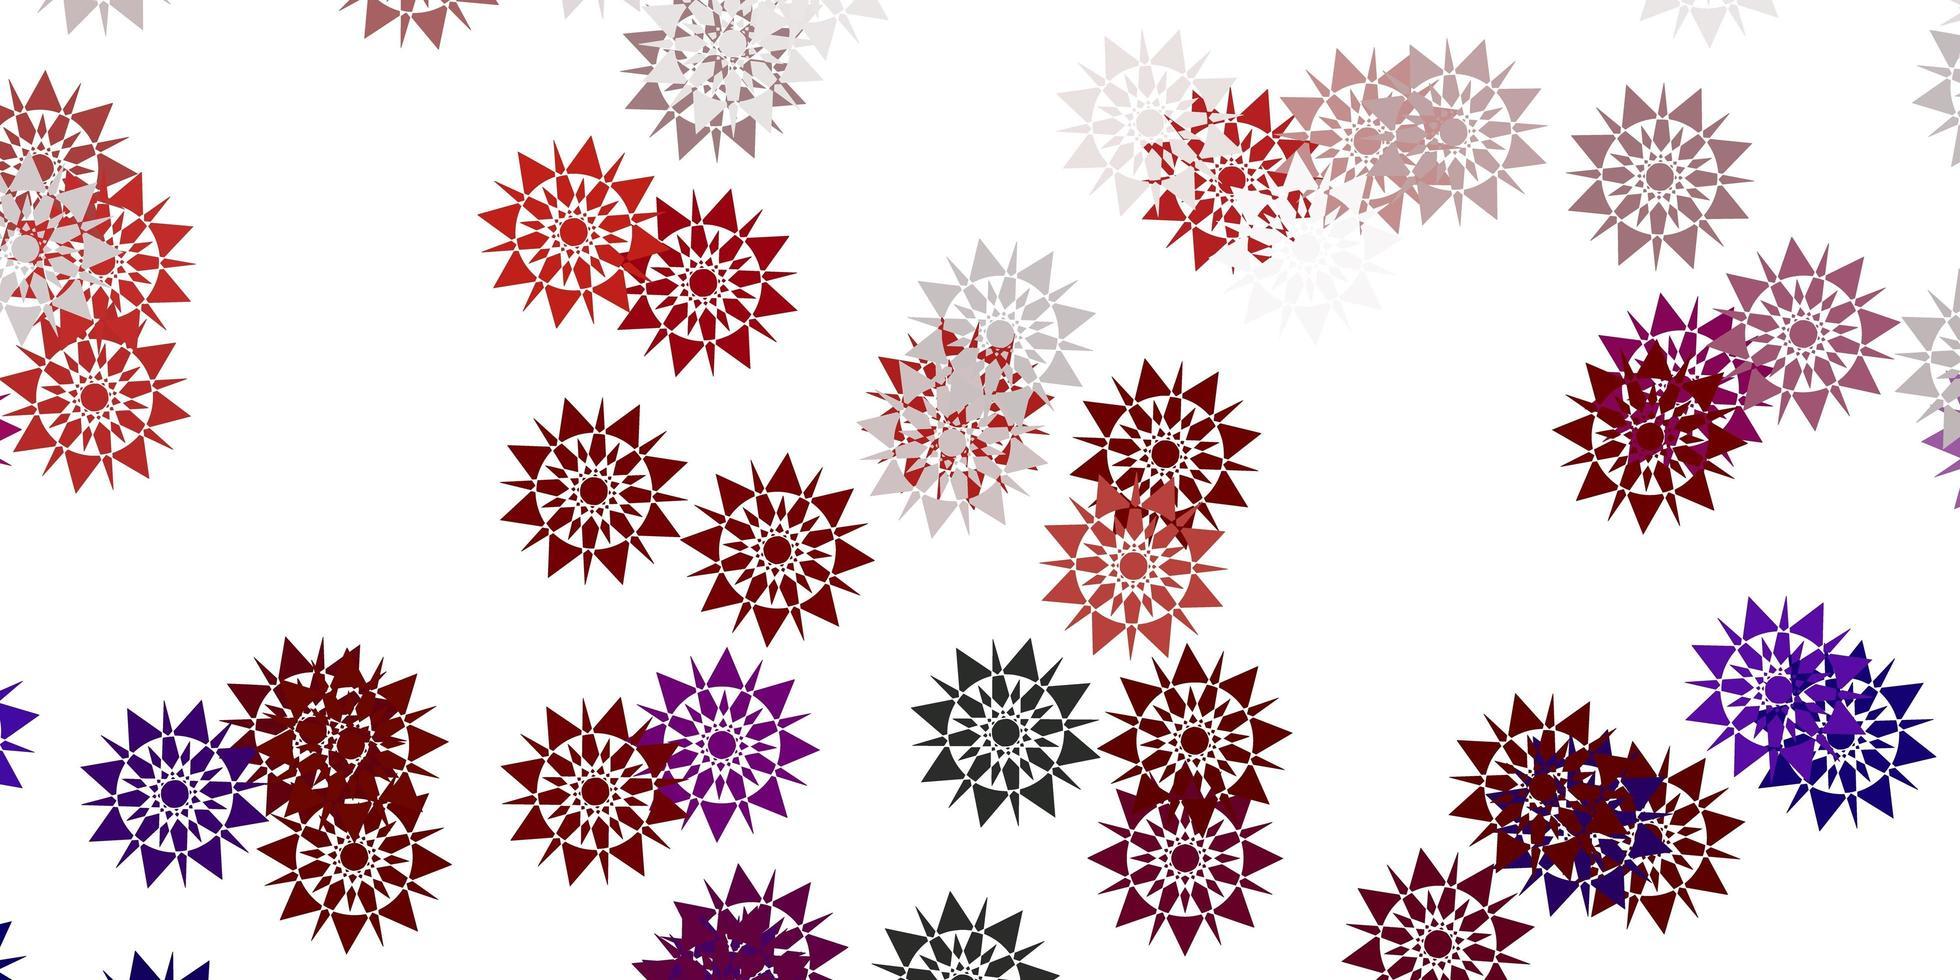 diseño de vector rojo claro con hermosos copos de nieve.